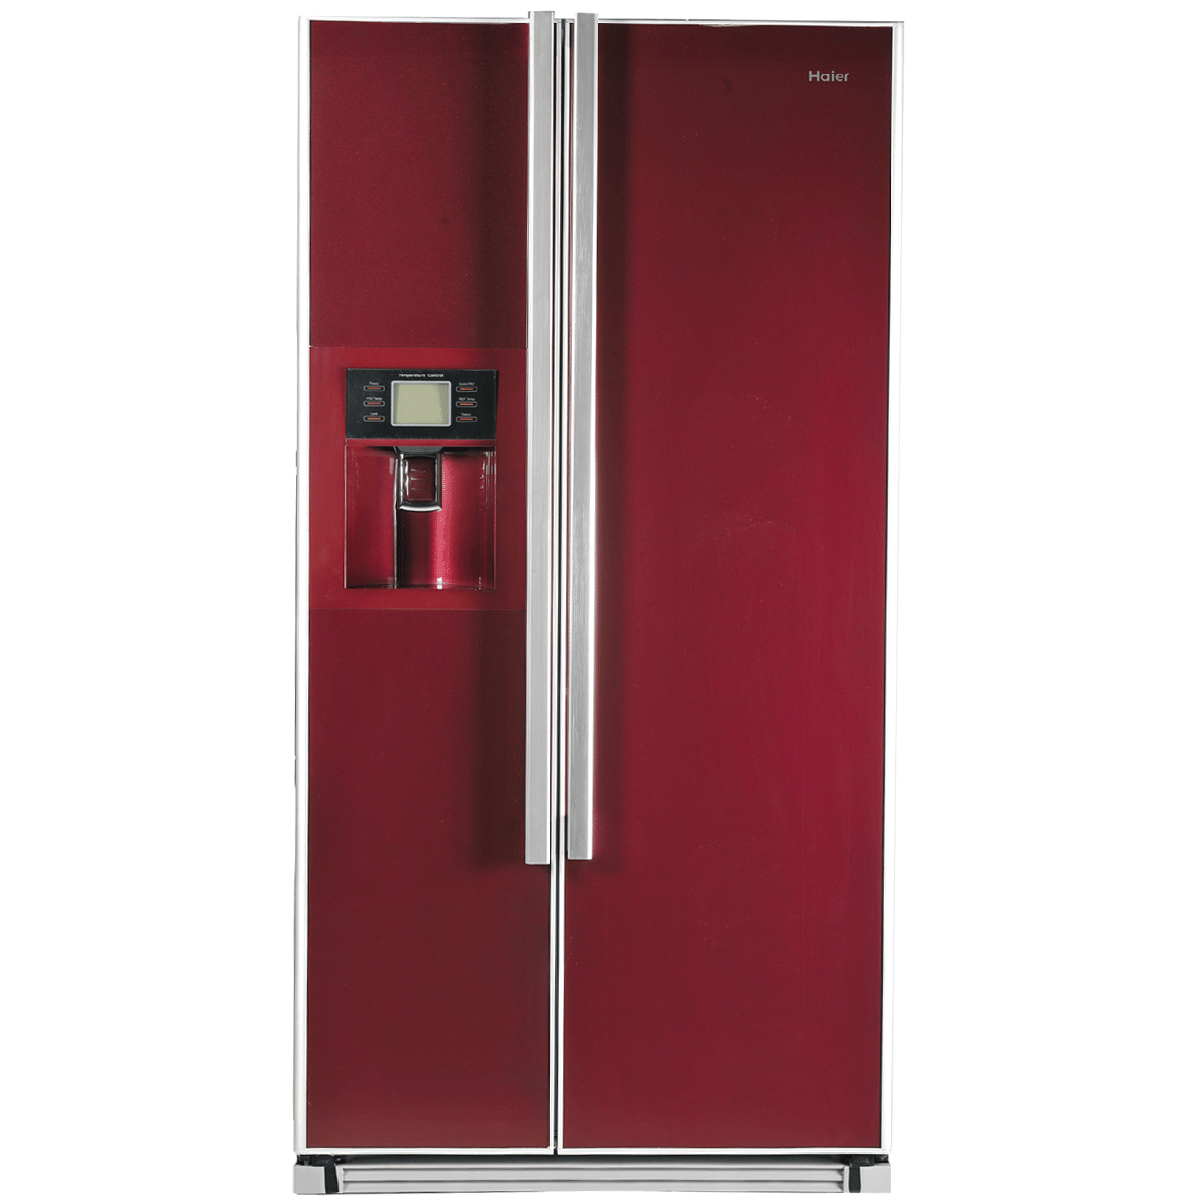 Refrigerator PNG image - Wardrobe HD PNG